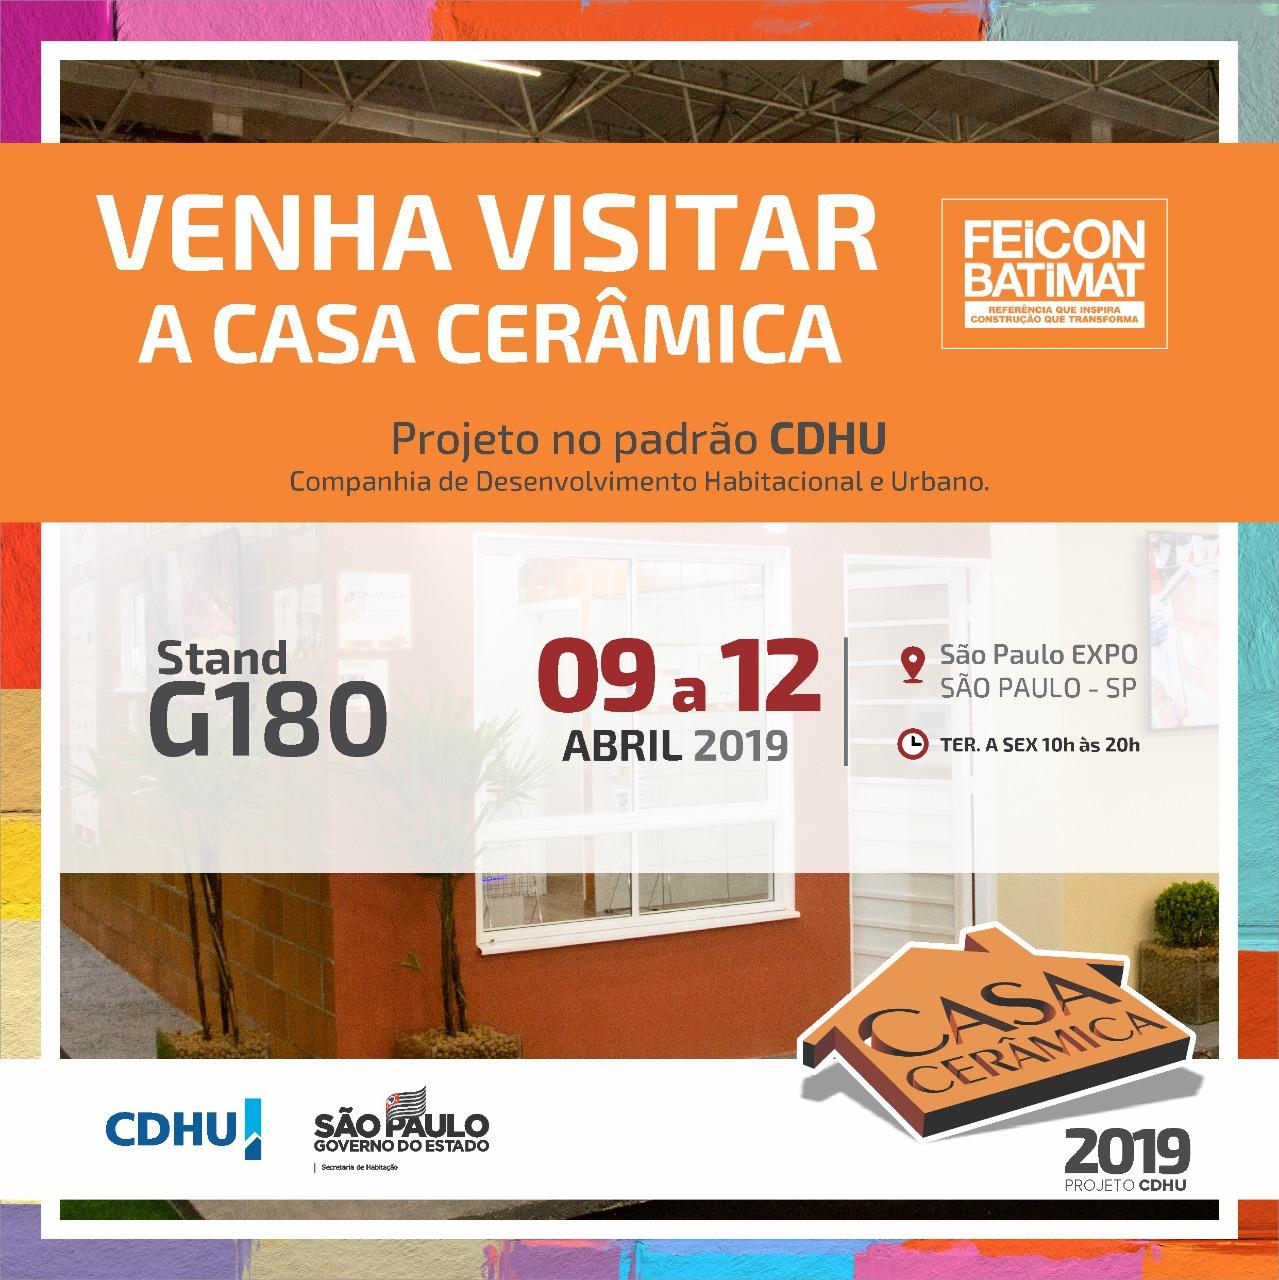 A ACERVIR ESTARÁ PRESENTE A FEICON-BATIMAT 2019, JUNTO A CASA CERÂMICA!